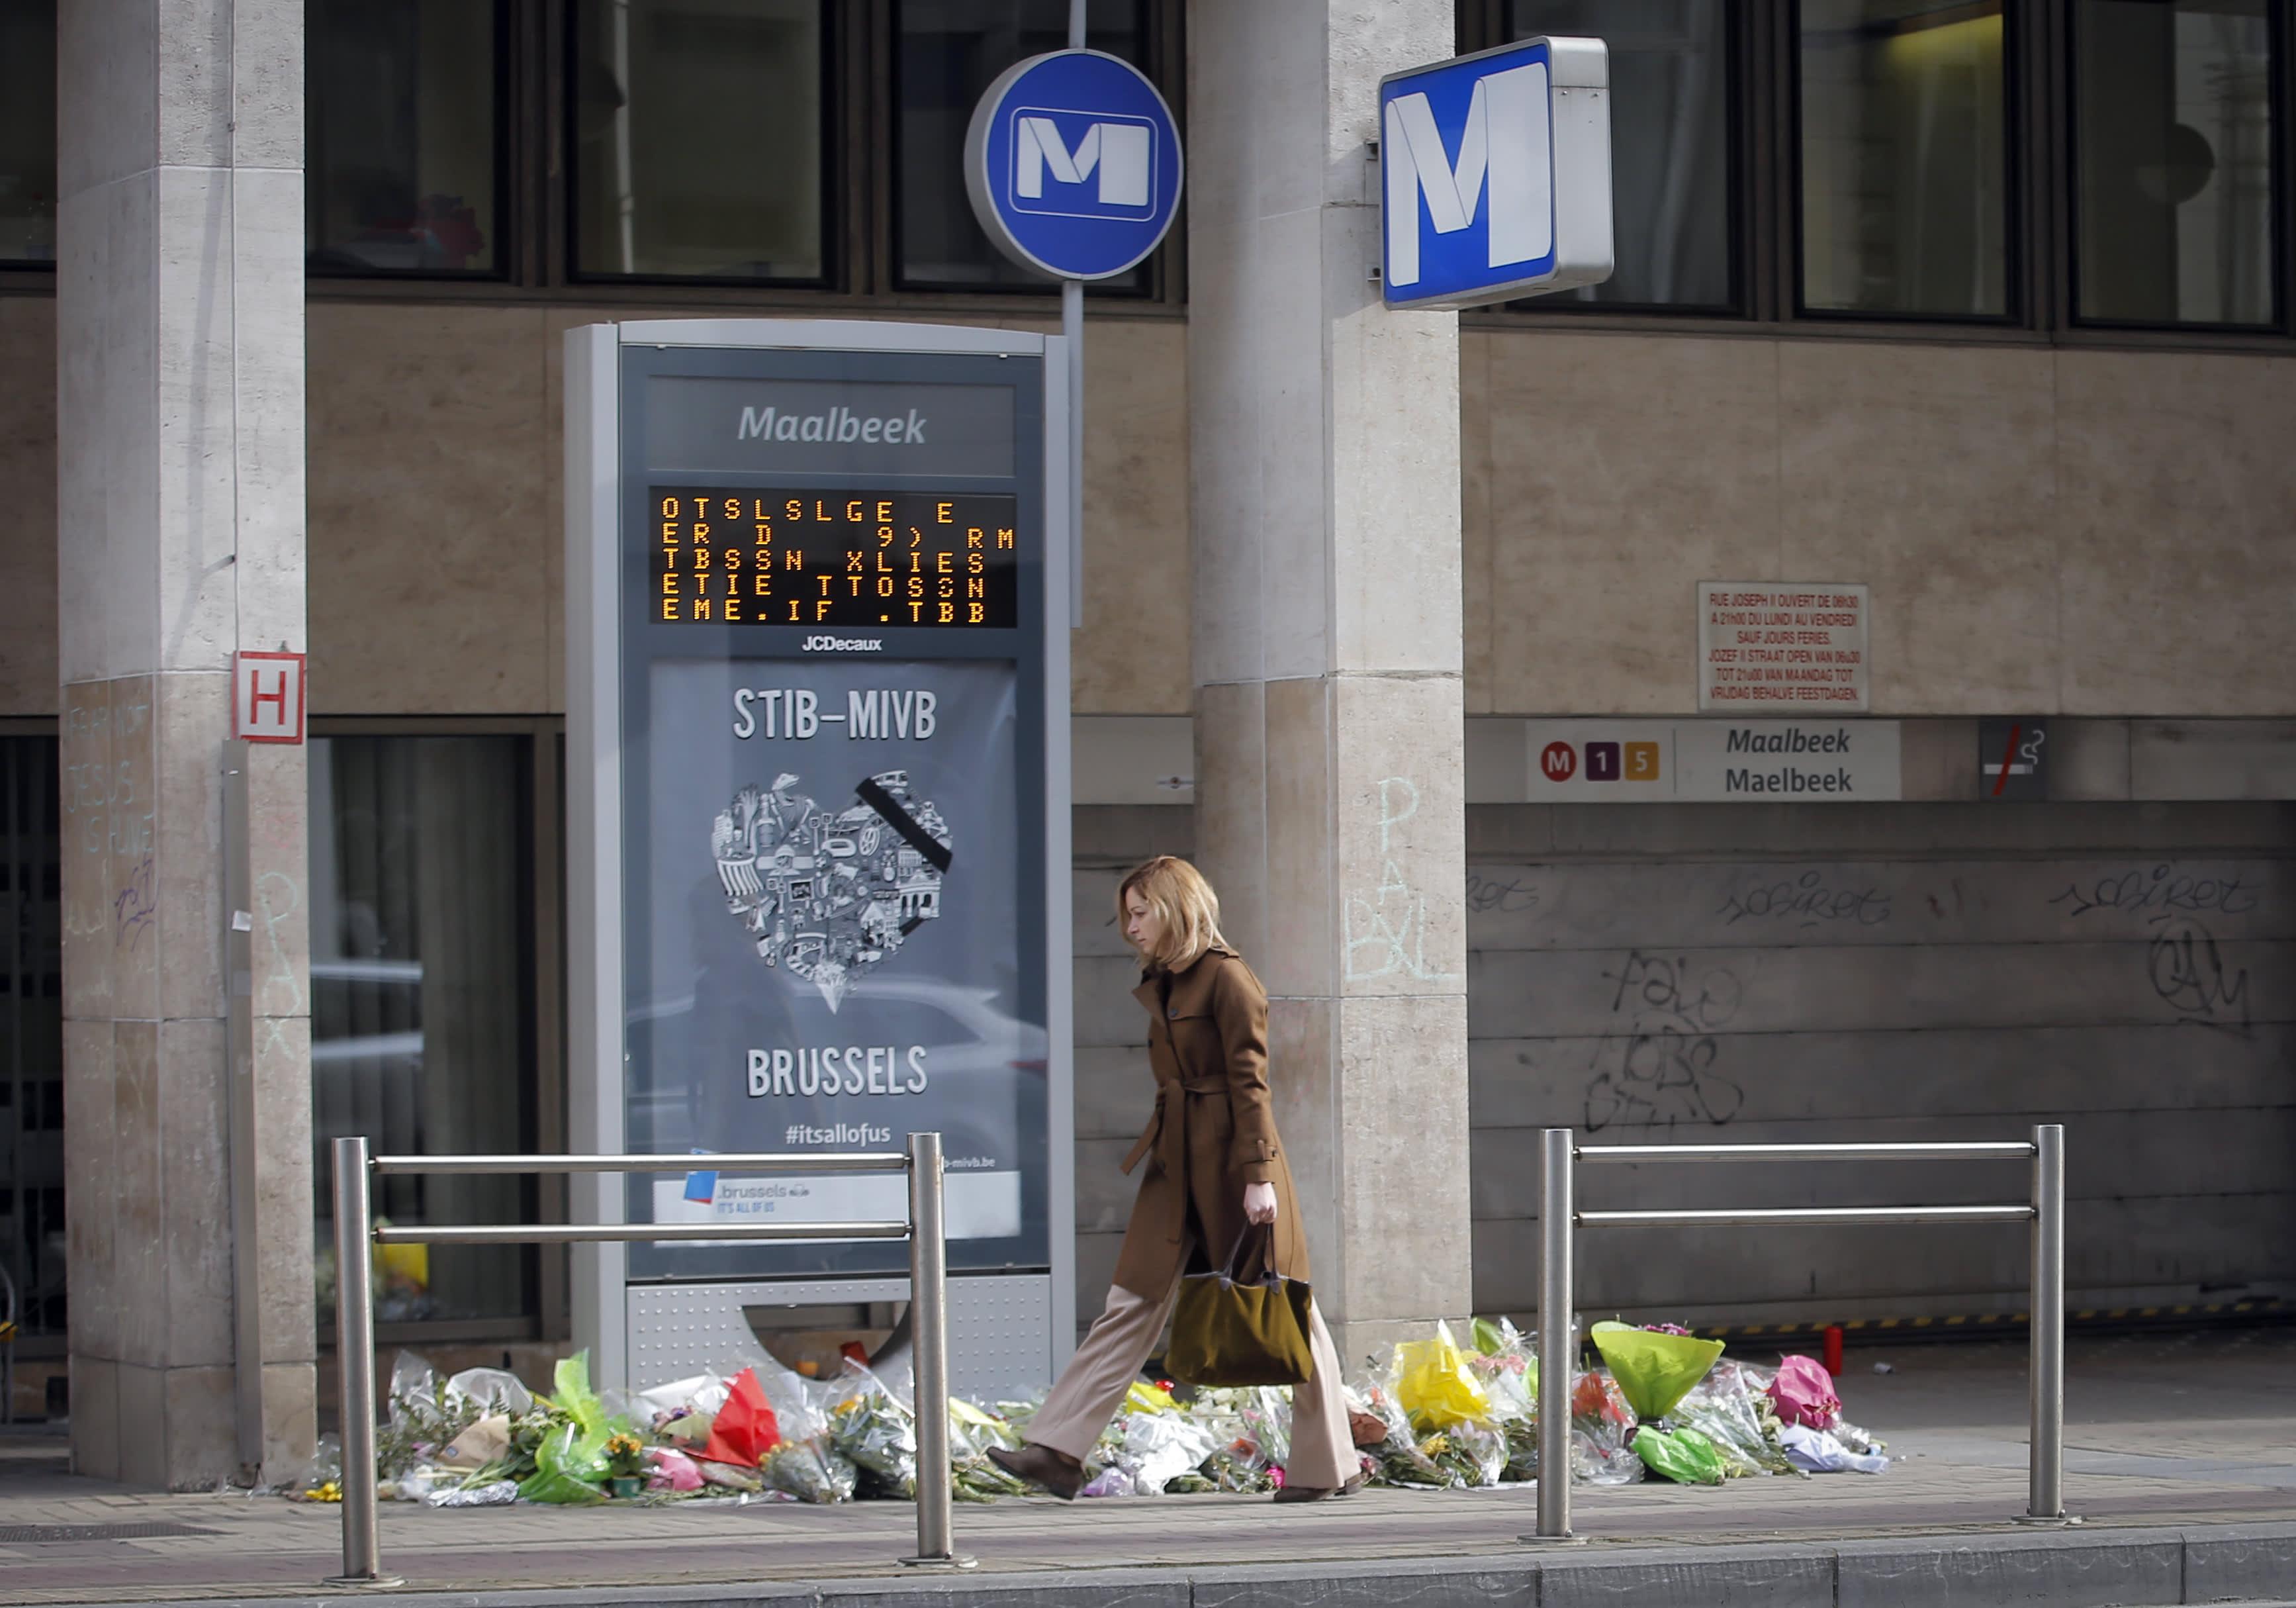 Maalbeekin metroasema maaliskuun 30. päivä.